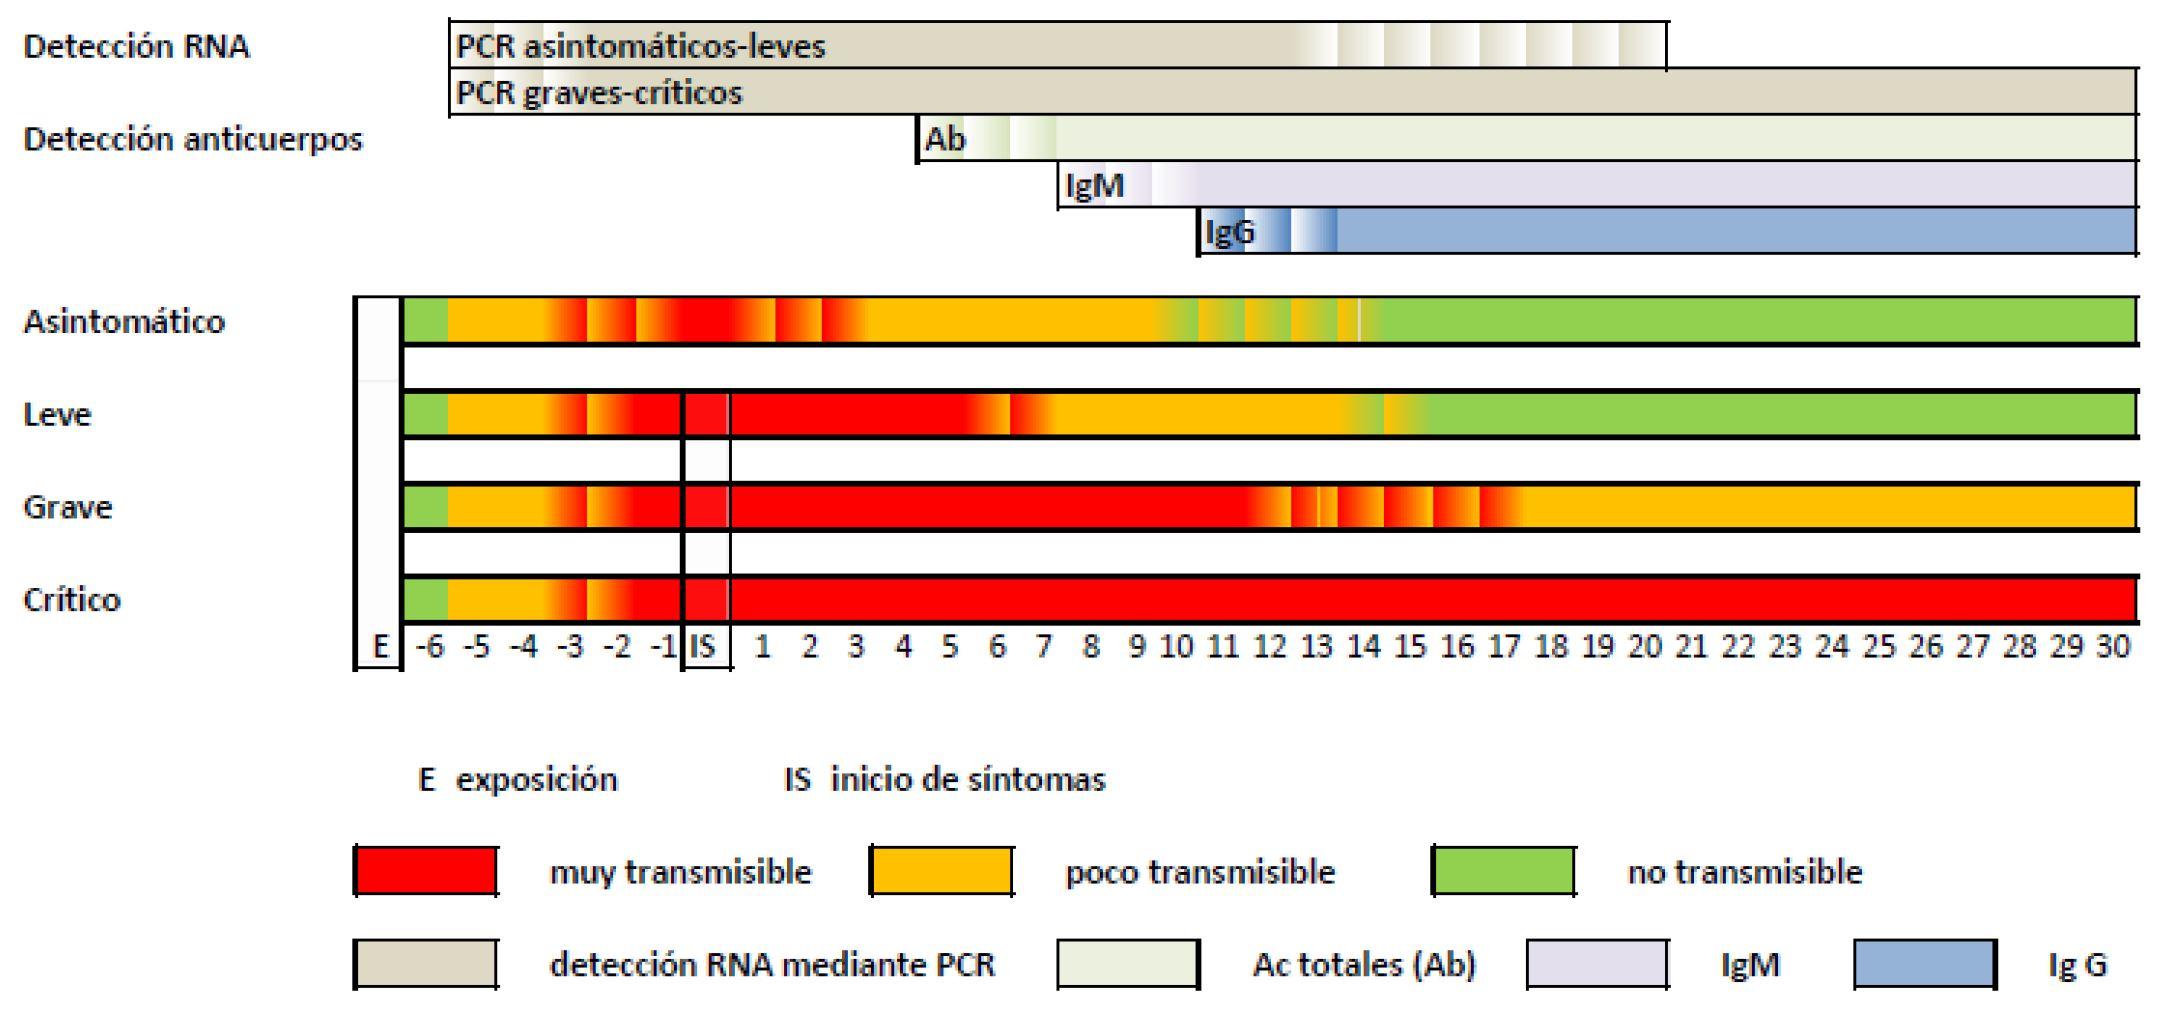 Interpretación de las pruebas diagnósticas frente a SARS-CoV-2 - Instituto de Salud Carlos III